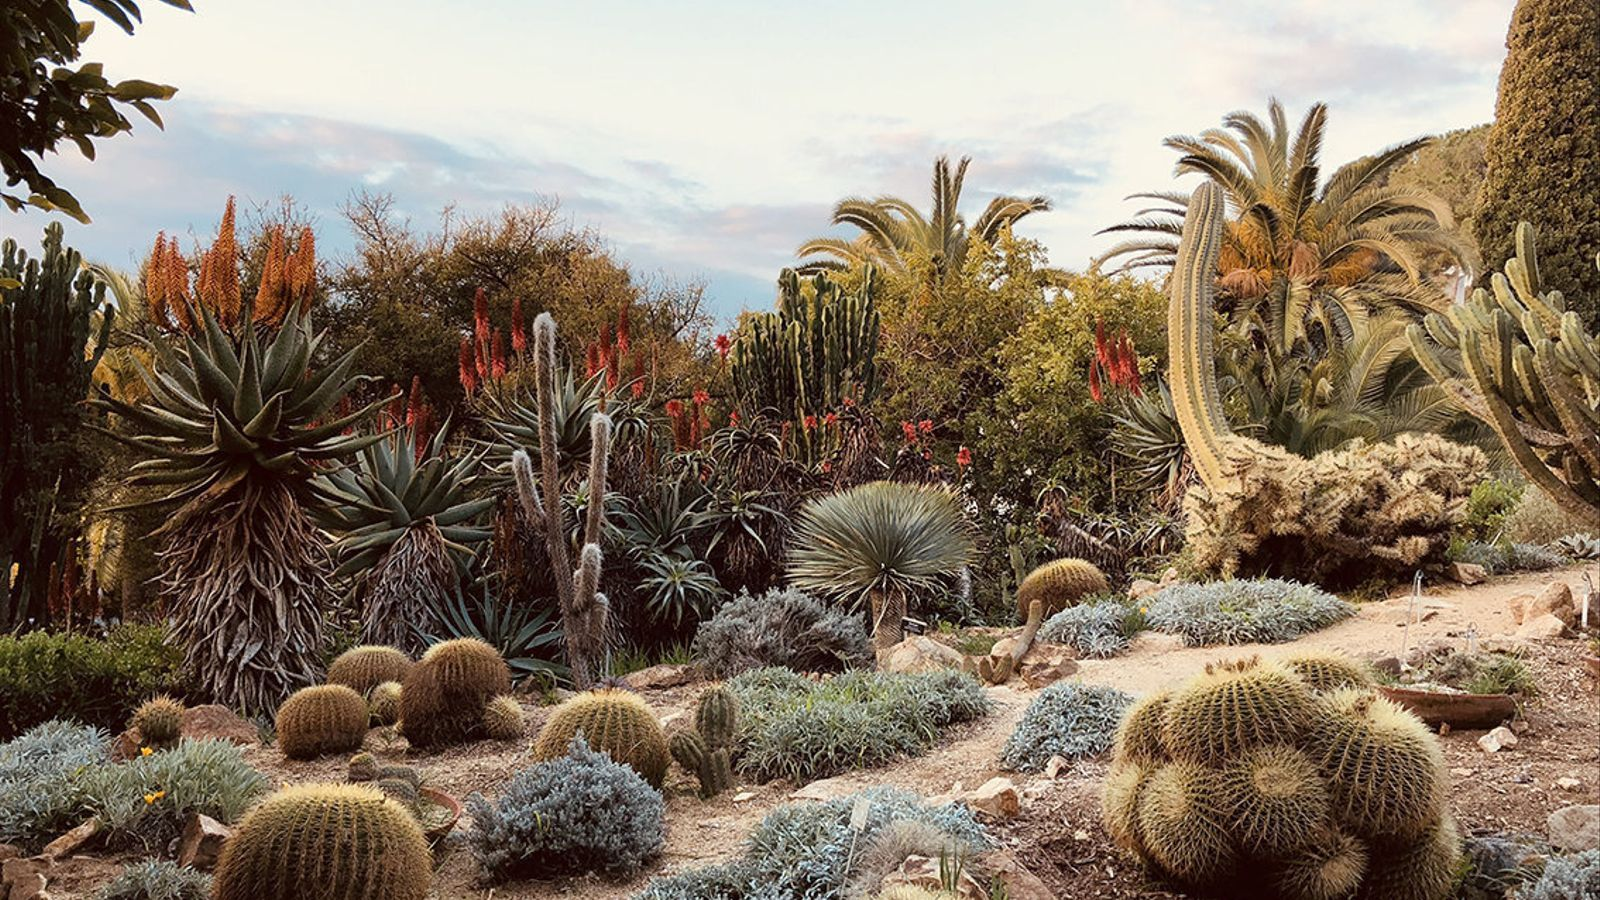 1. El bosc de bambú del Jardí Botànic Marimurtra.  2. Els Jardins de Santa Clotilde tenen unes vistes espectaculars al mar.  3. El Jardí Botànic Marimurtra ens transporta a escenaris mexicans.  4. Visitants als Jardins de Mossèn Costa i Llobera.